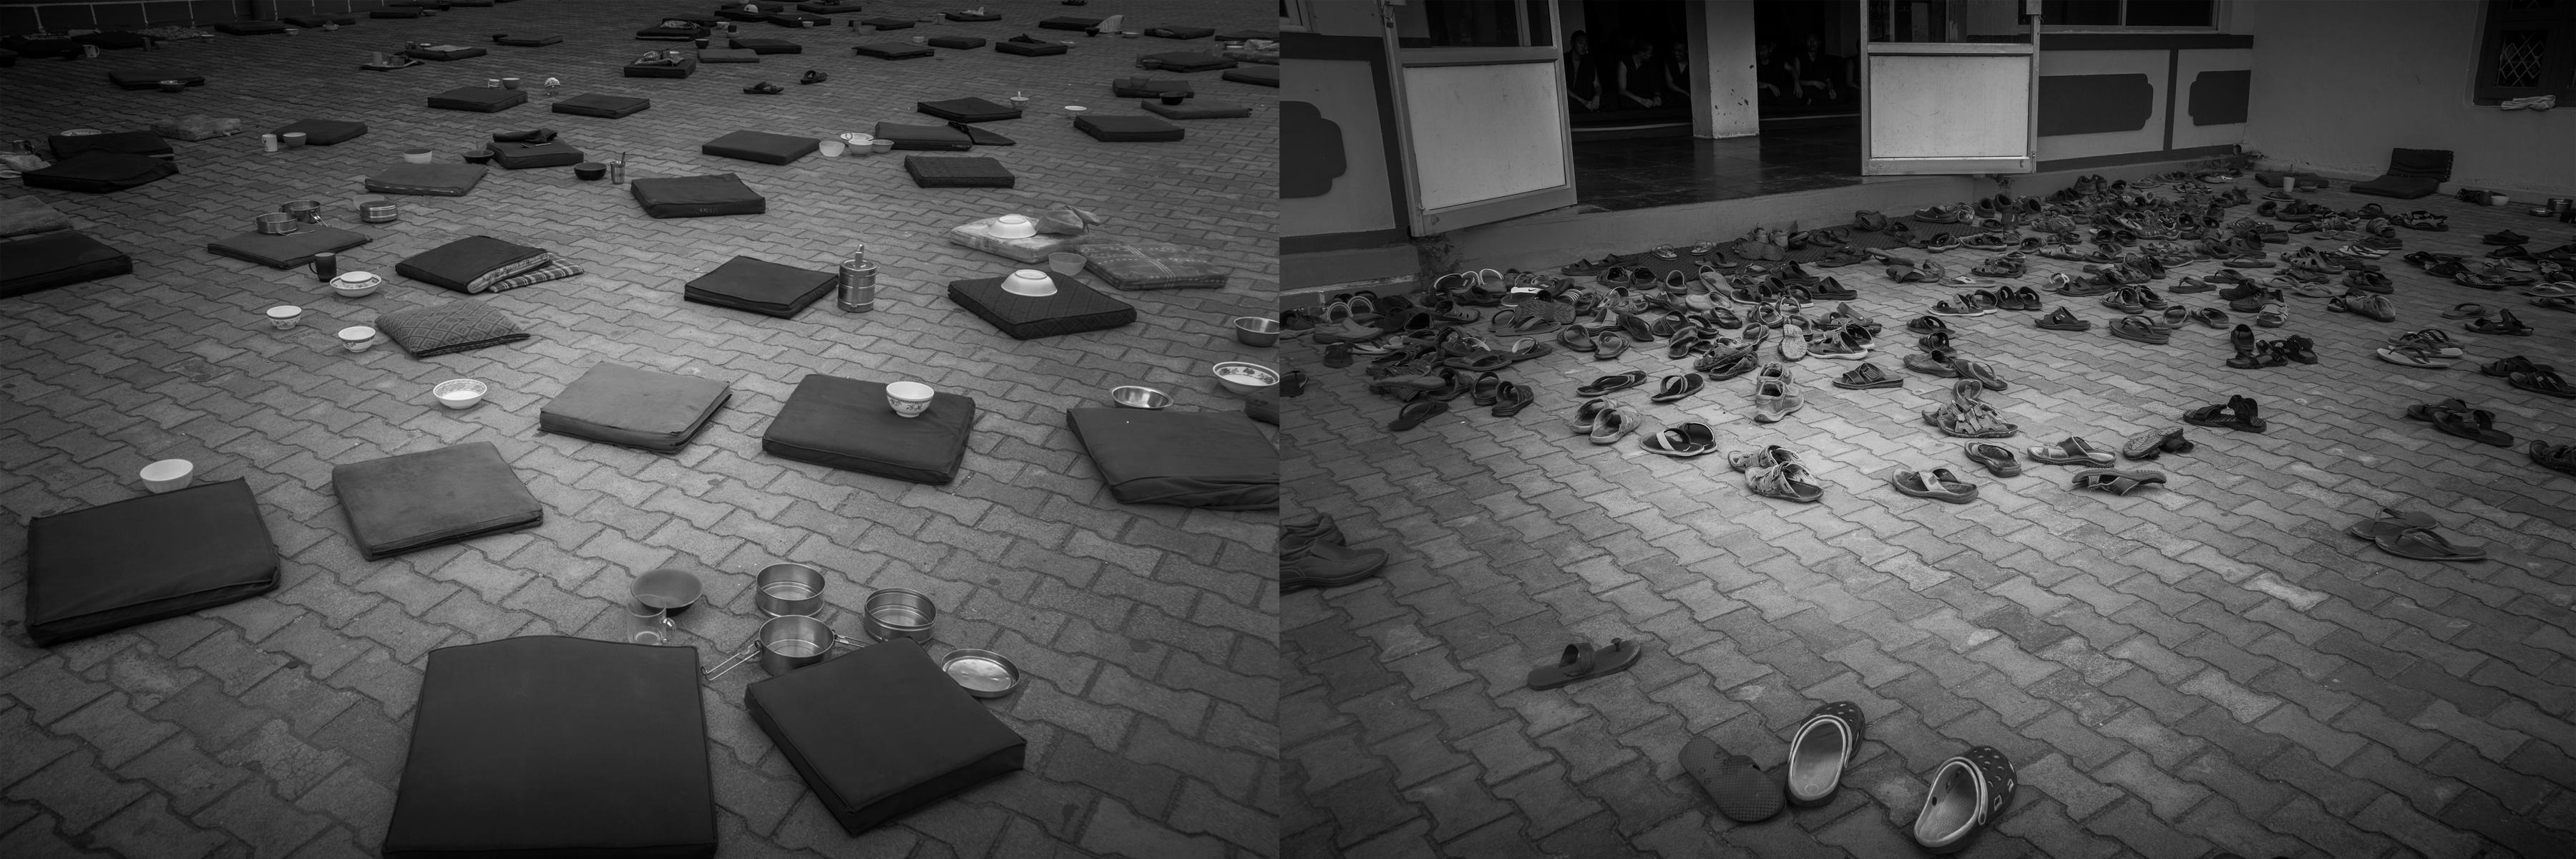 Untitled-I copy